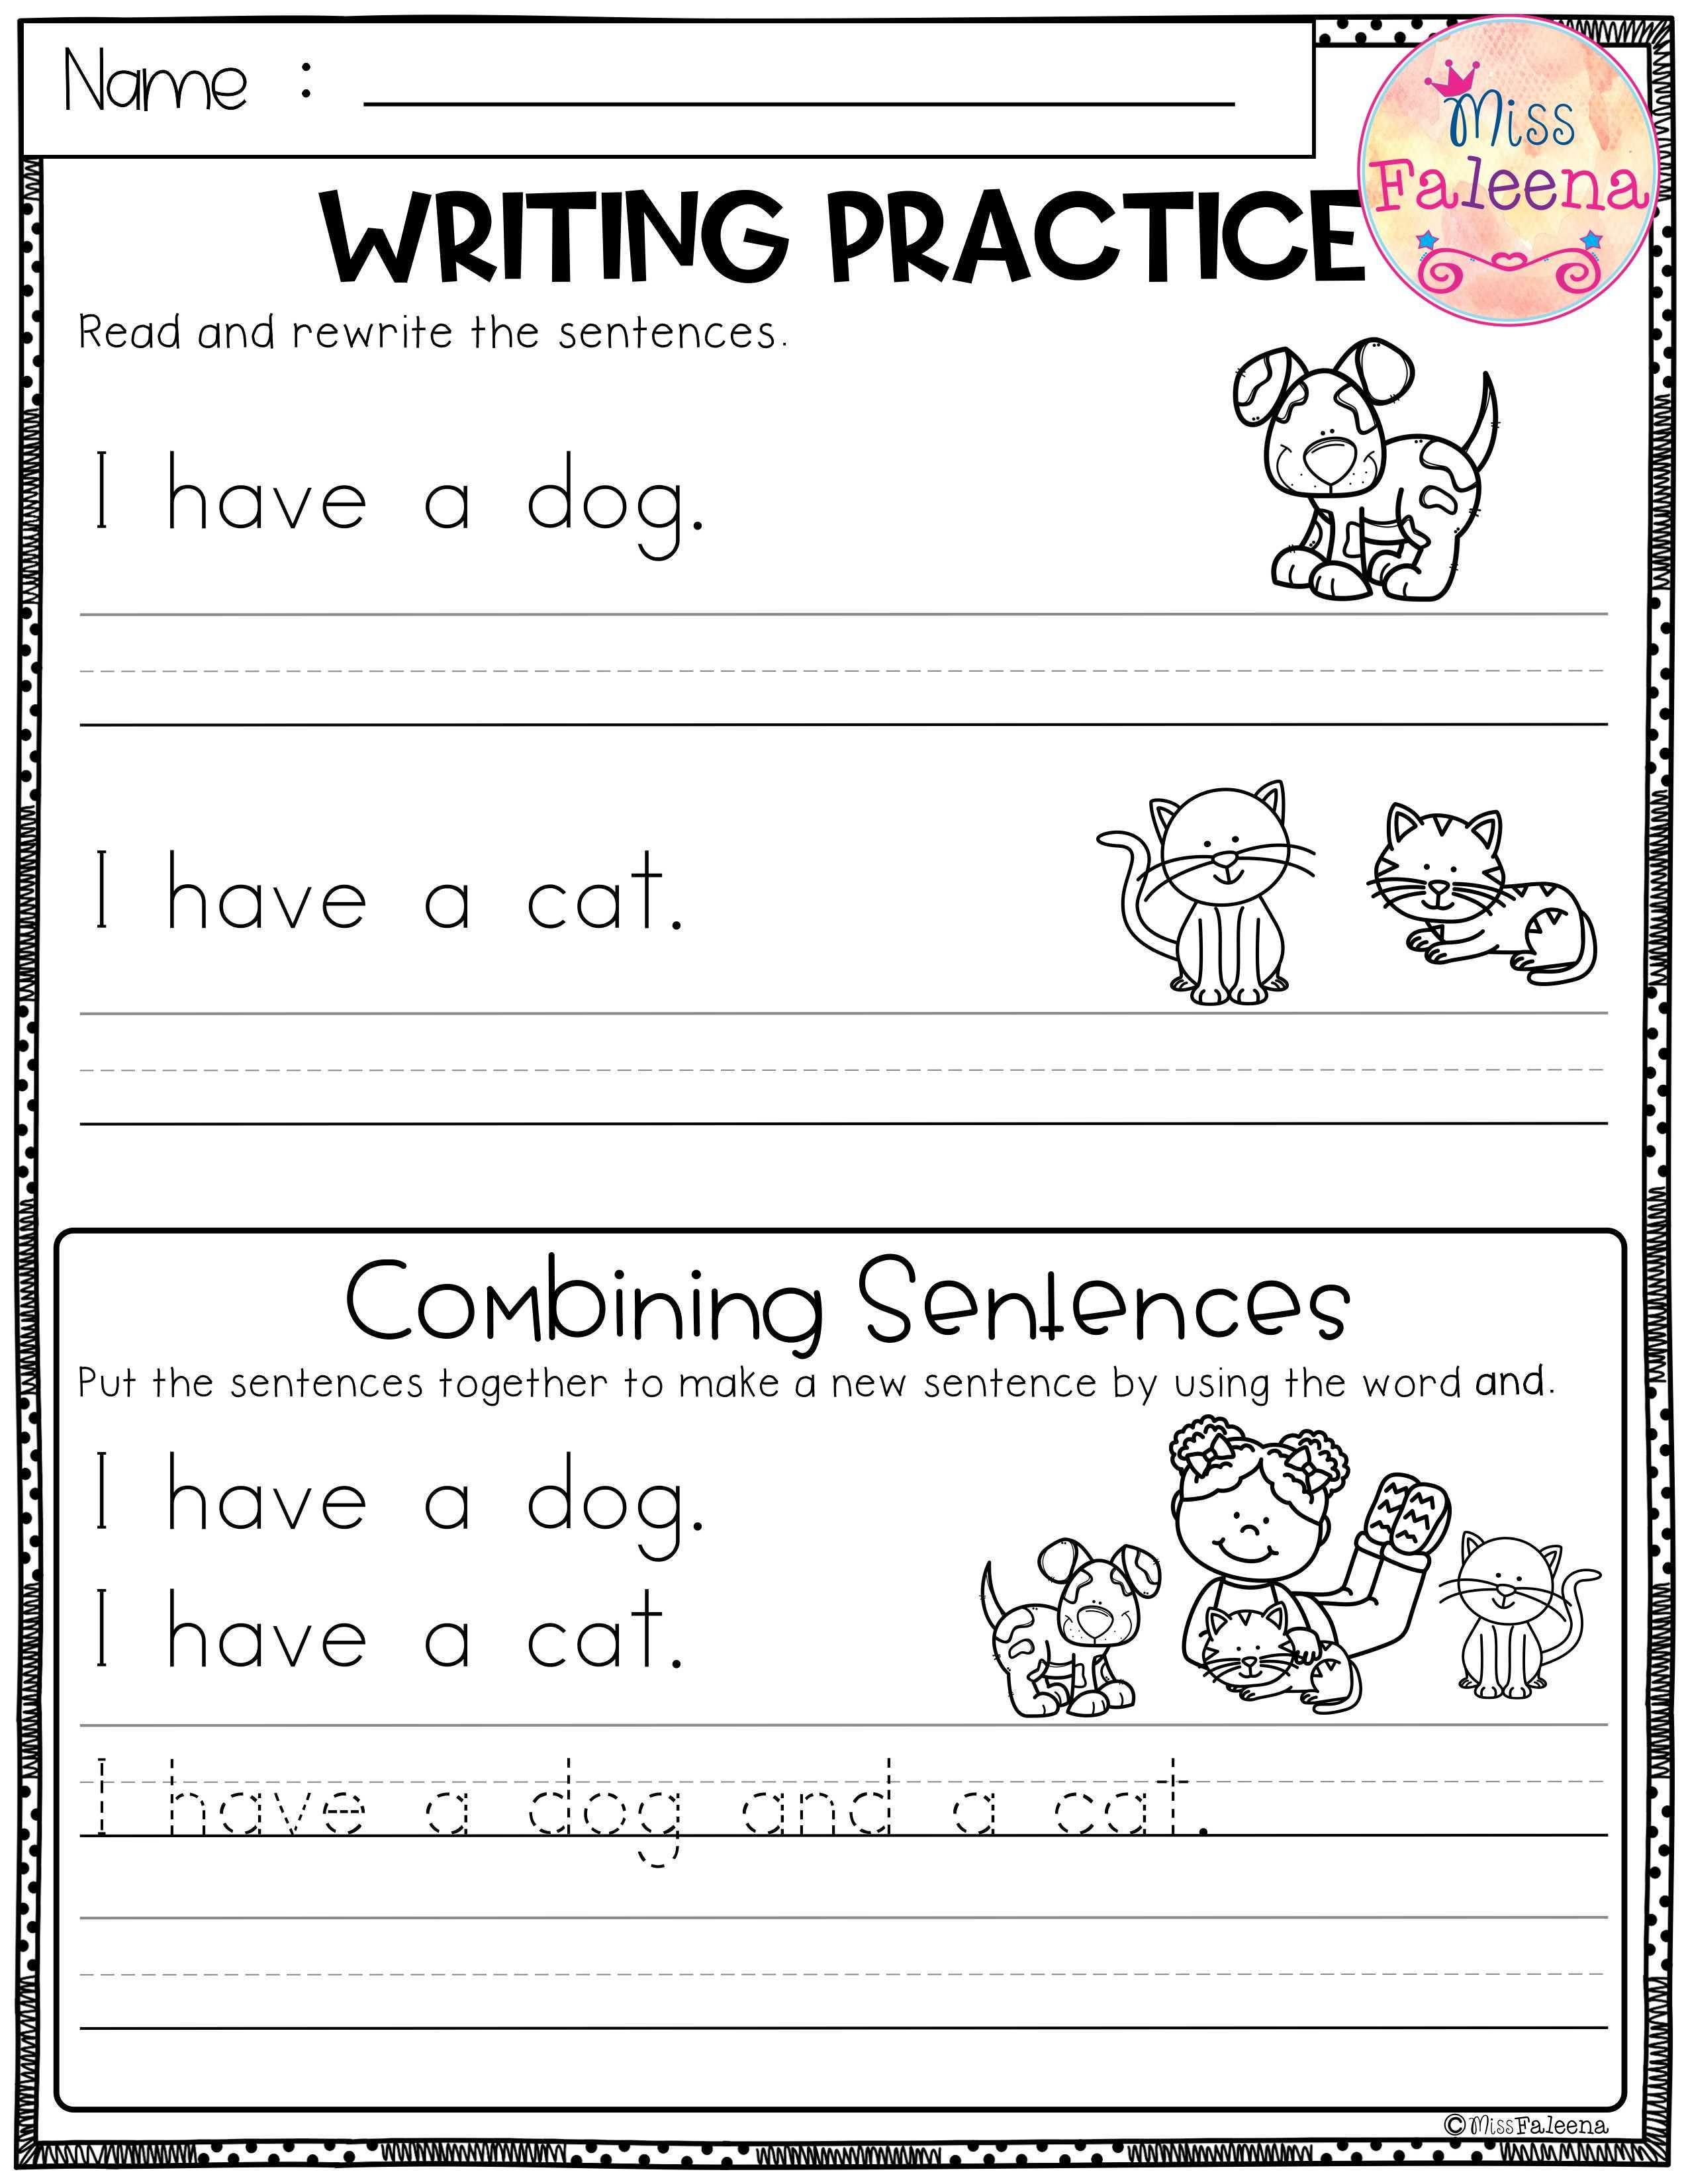 Free Printable Sentence Writing Worksheets Free Writing Practice Bining Sentences